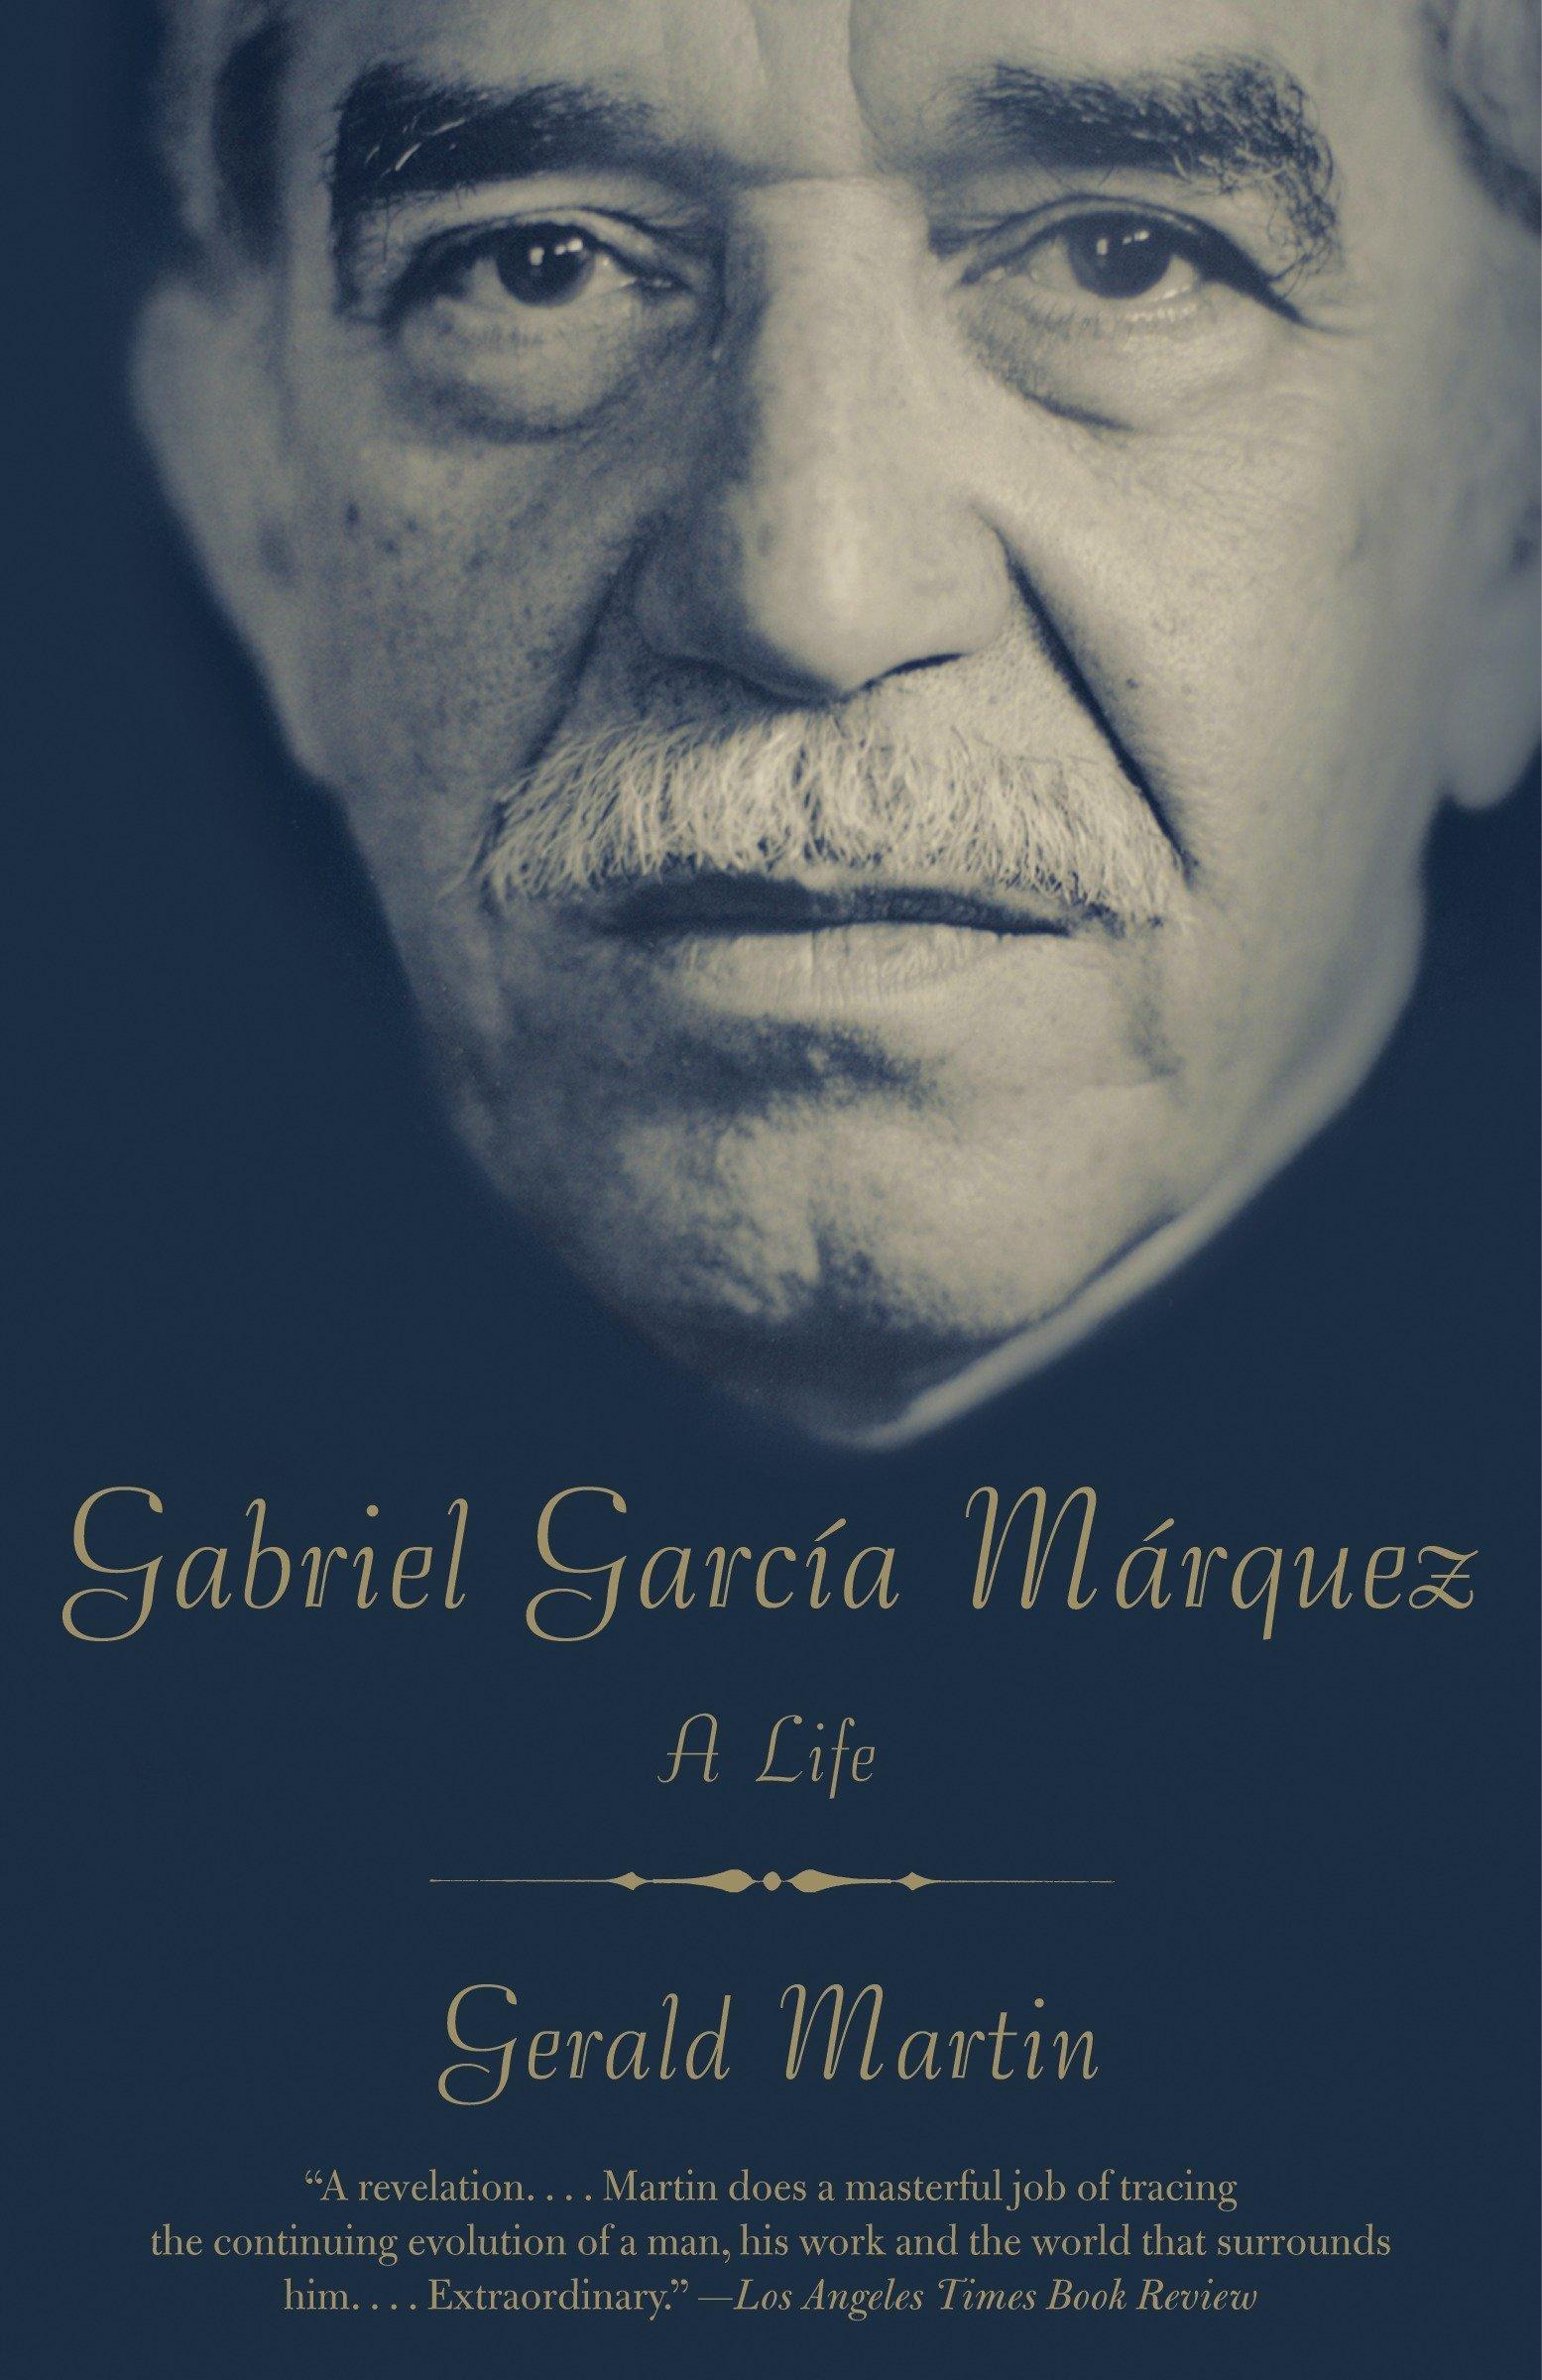 amazon gabriel garcía márquez a life gerald martin central